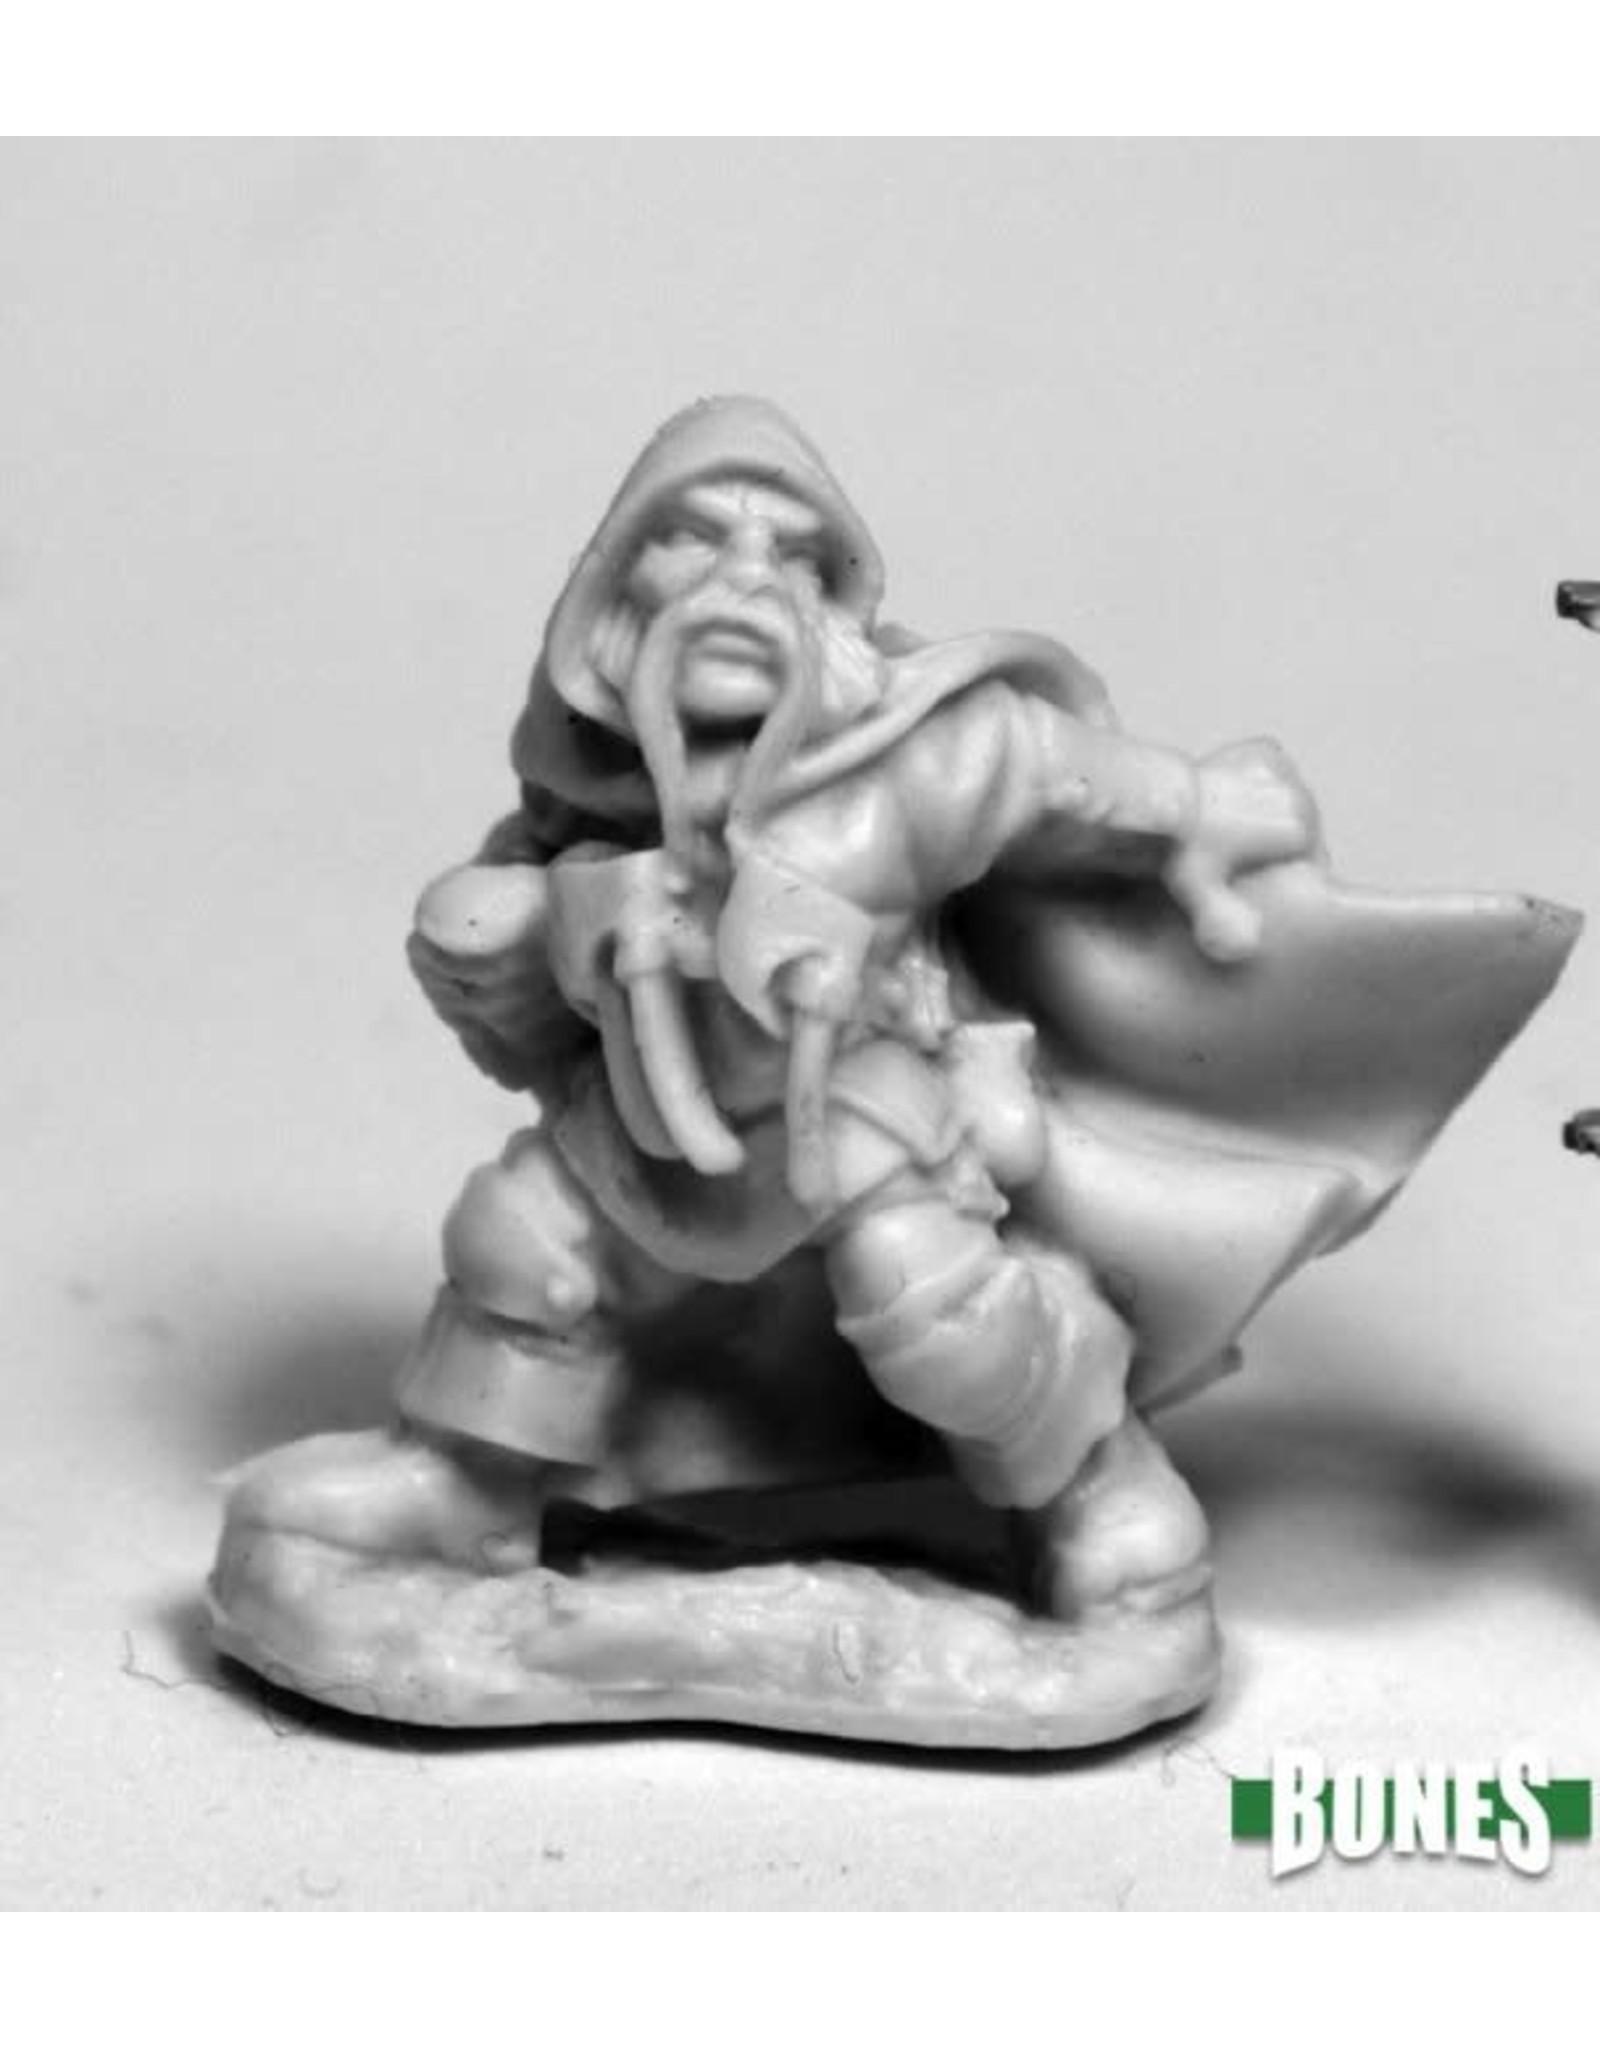 Bones Klaus Copperthumb, Dwarf Thief